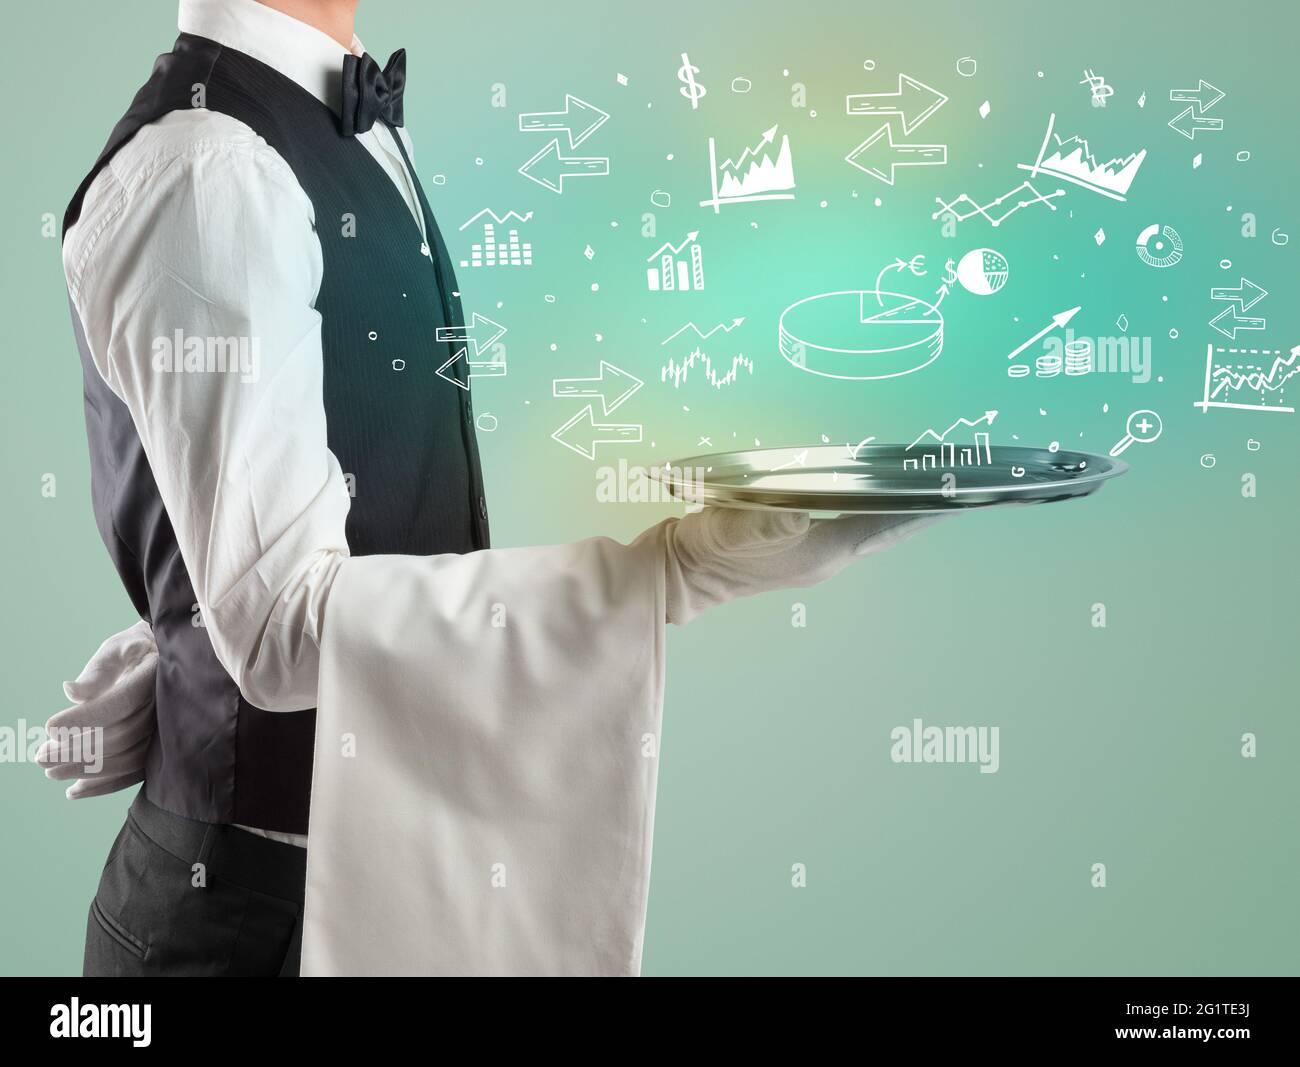 Hübscher junger Kellner im Smoking, der Geldsymbole auf dem Tablett hält Stockfoto